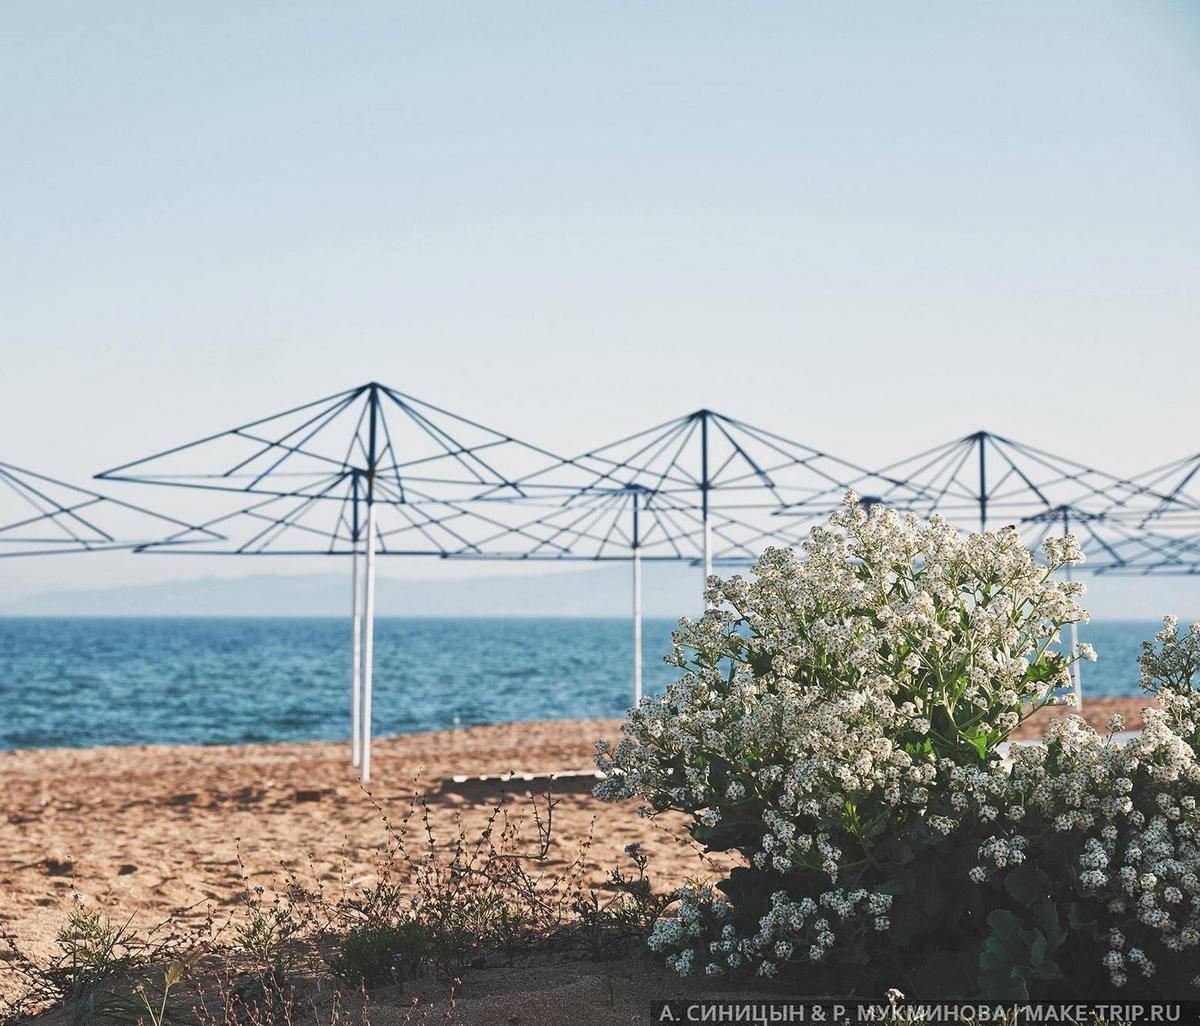 Отзывы туристов об отдыхе в Феодосии